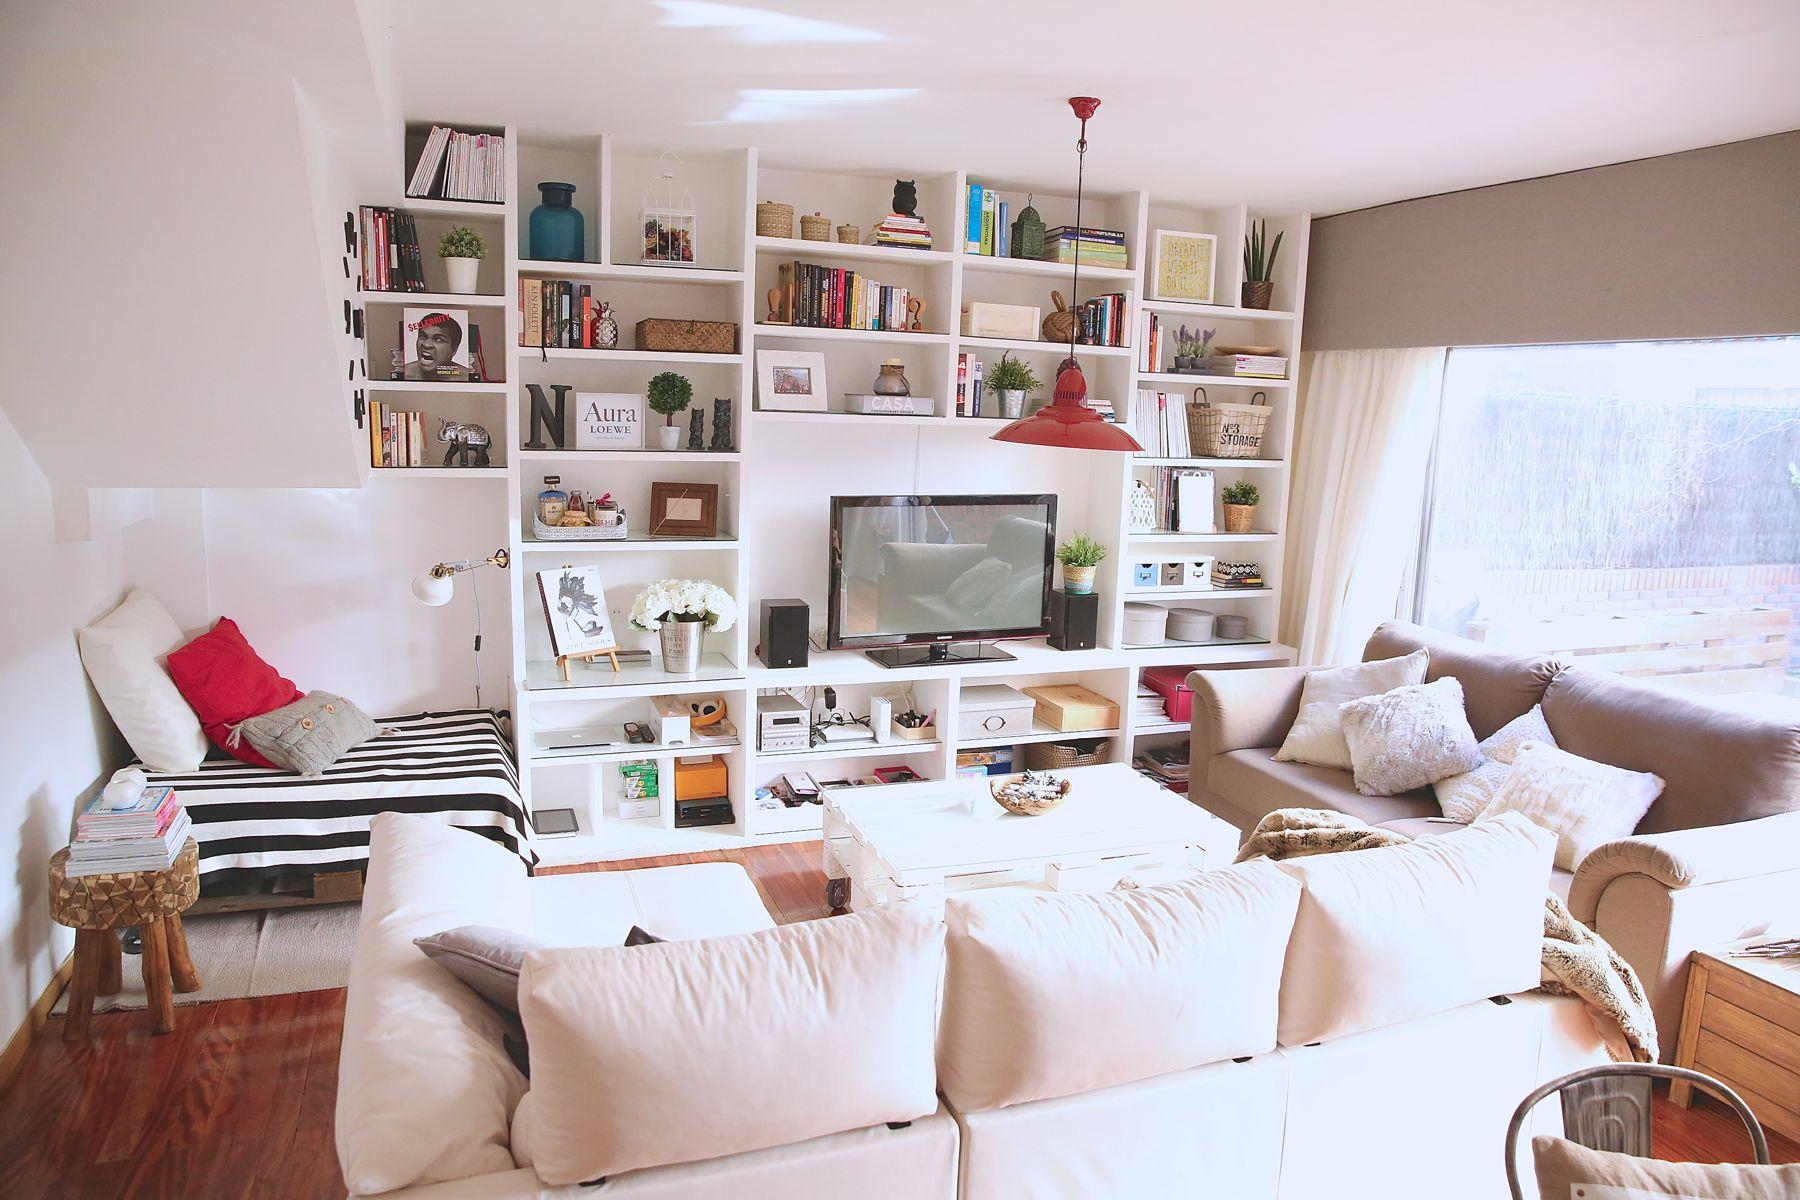 Deco eetkamer trendy maison design navsop